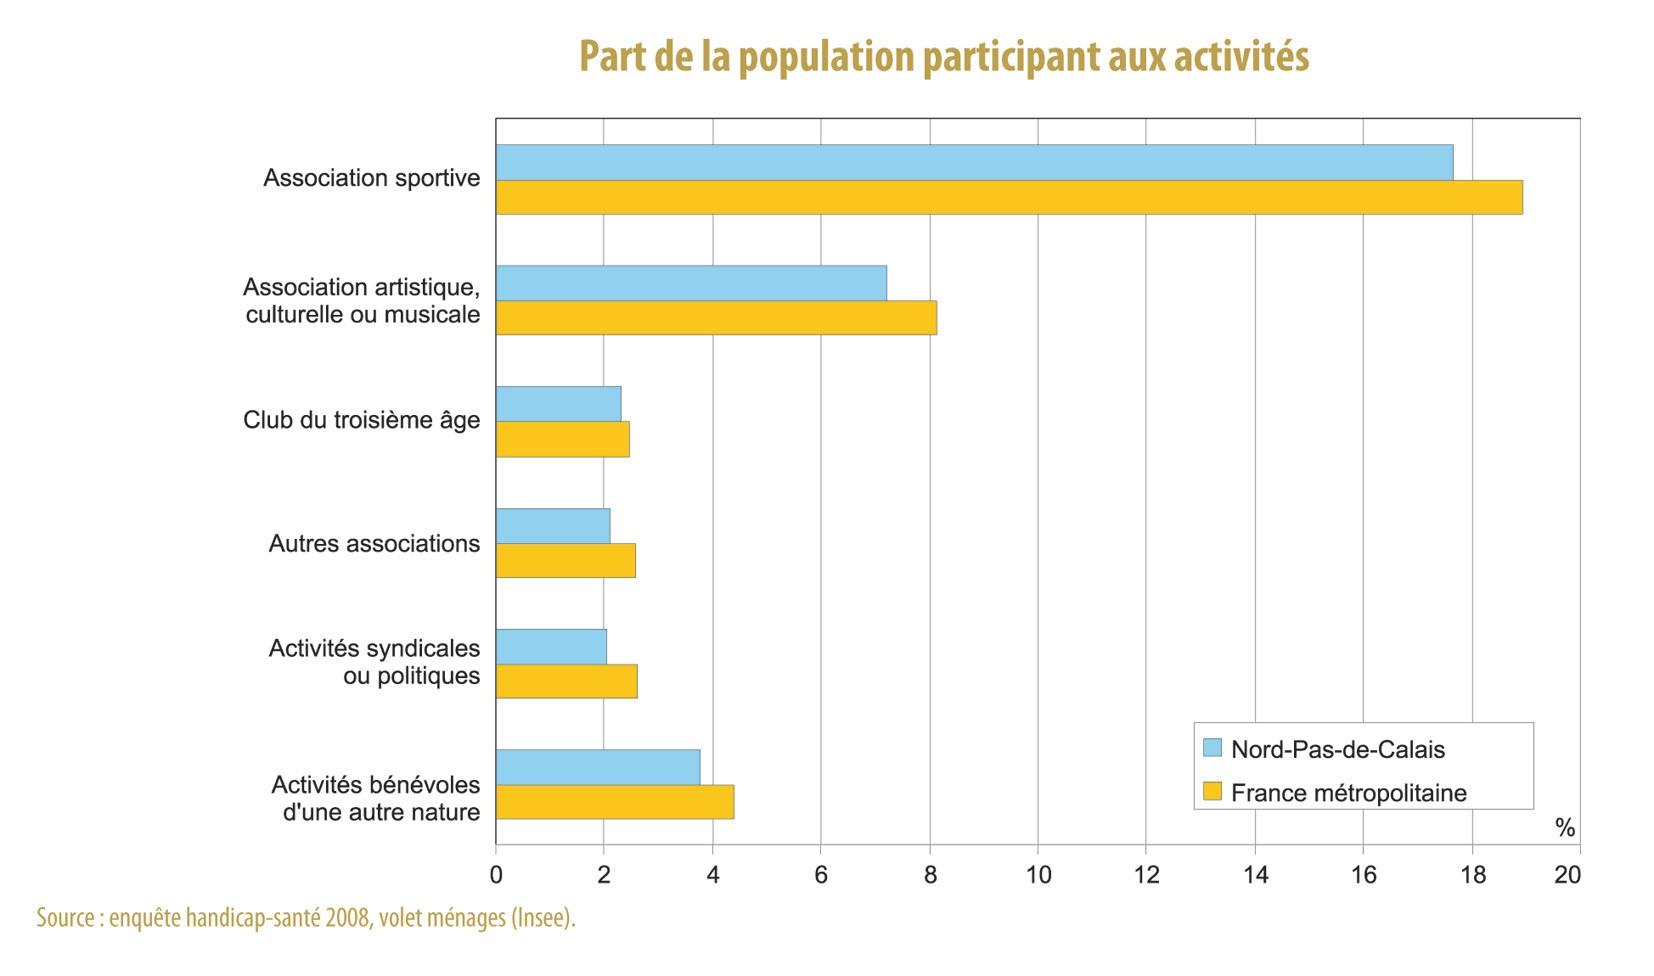 Part de la population participant à une activité associative.